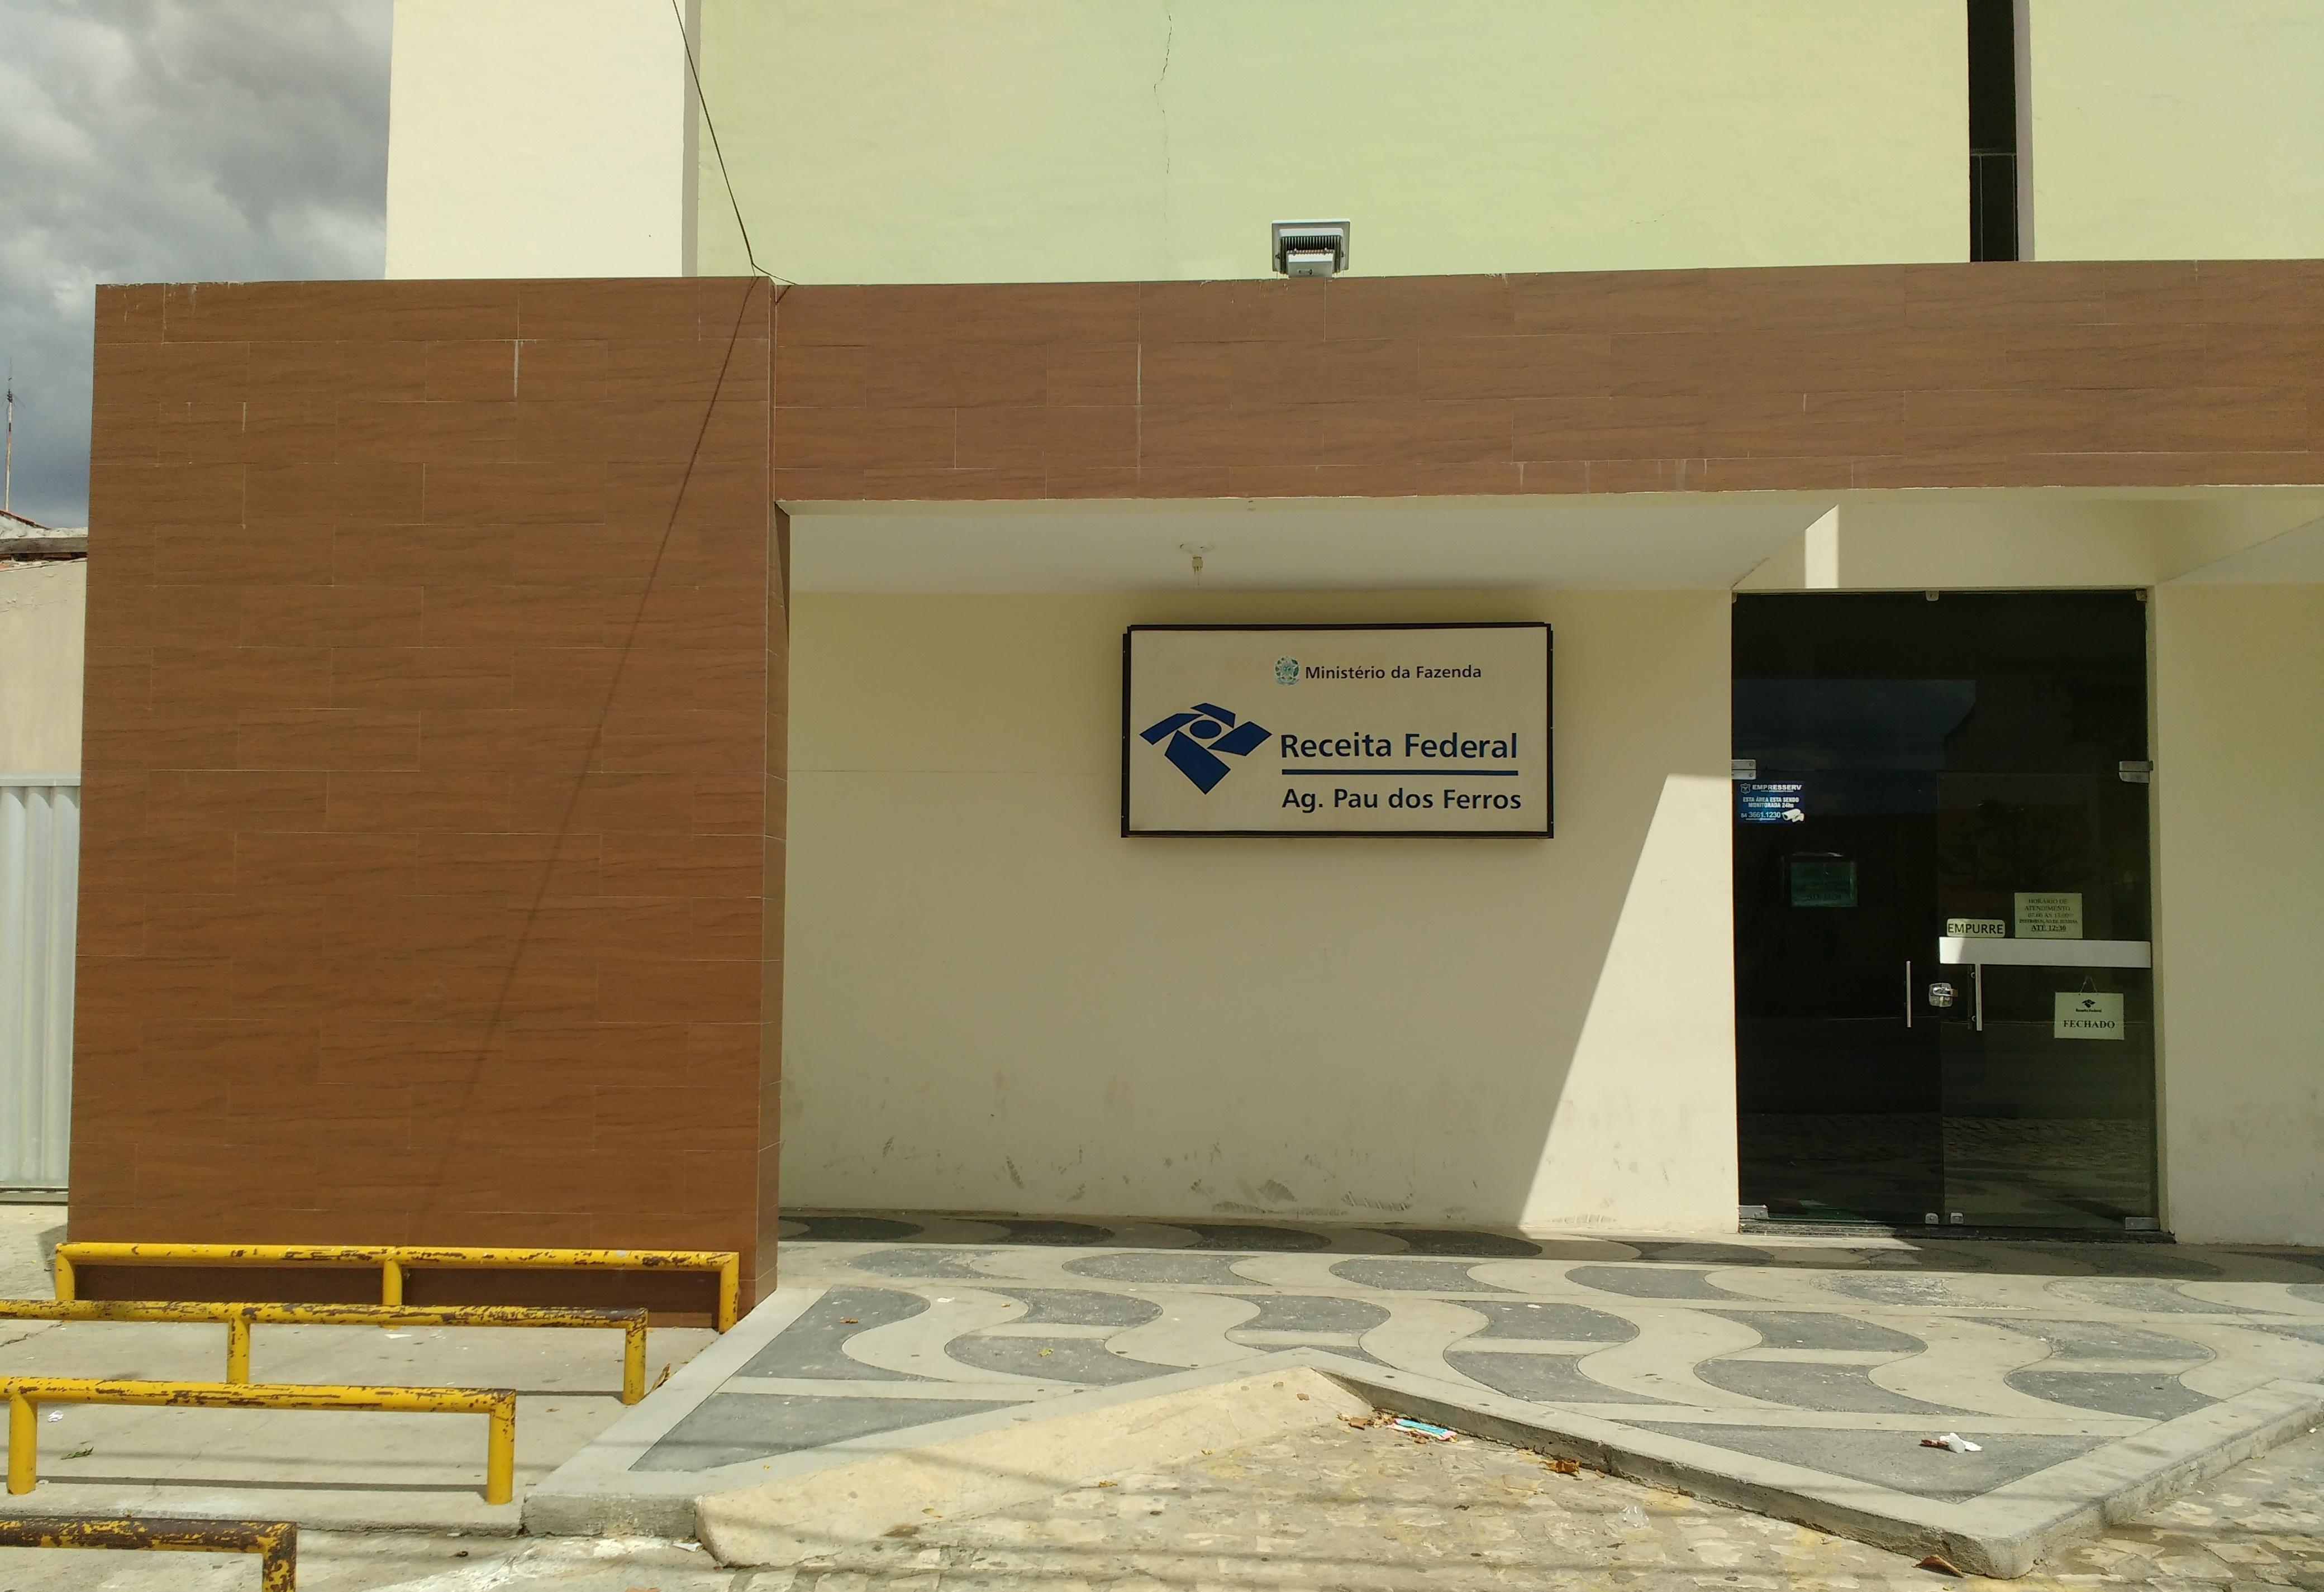 Agência da Receita Federal em Pau dos Ferros foi fechada pelo Governo Federal